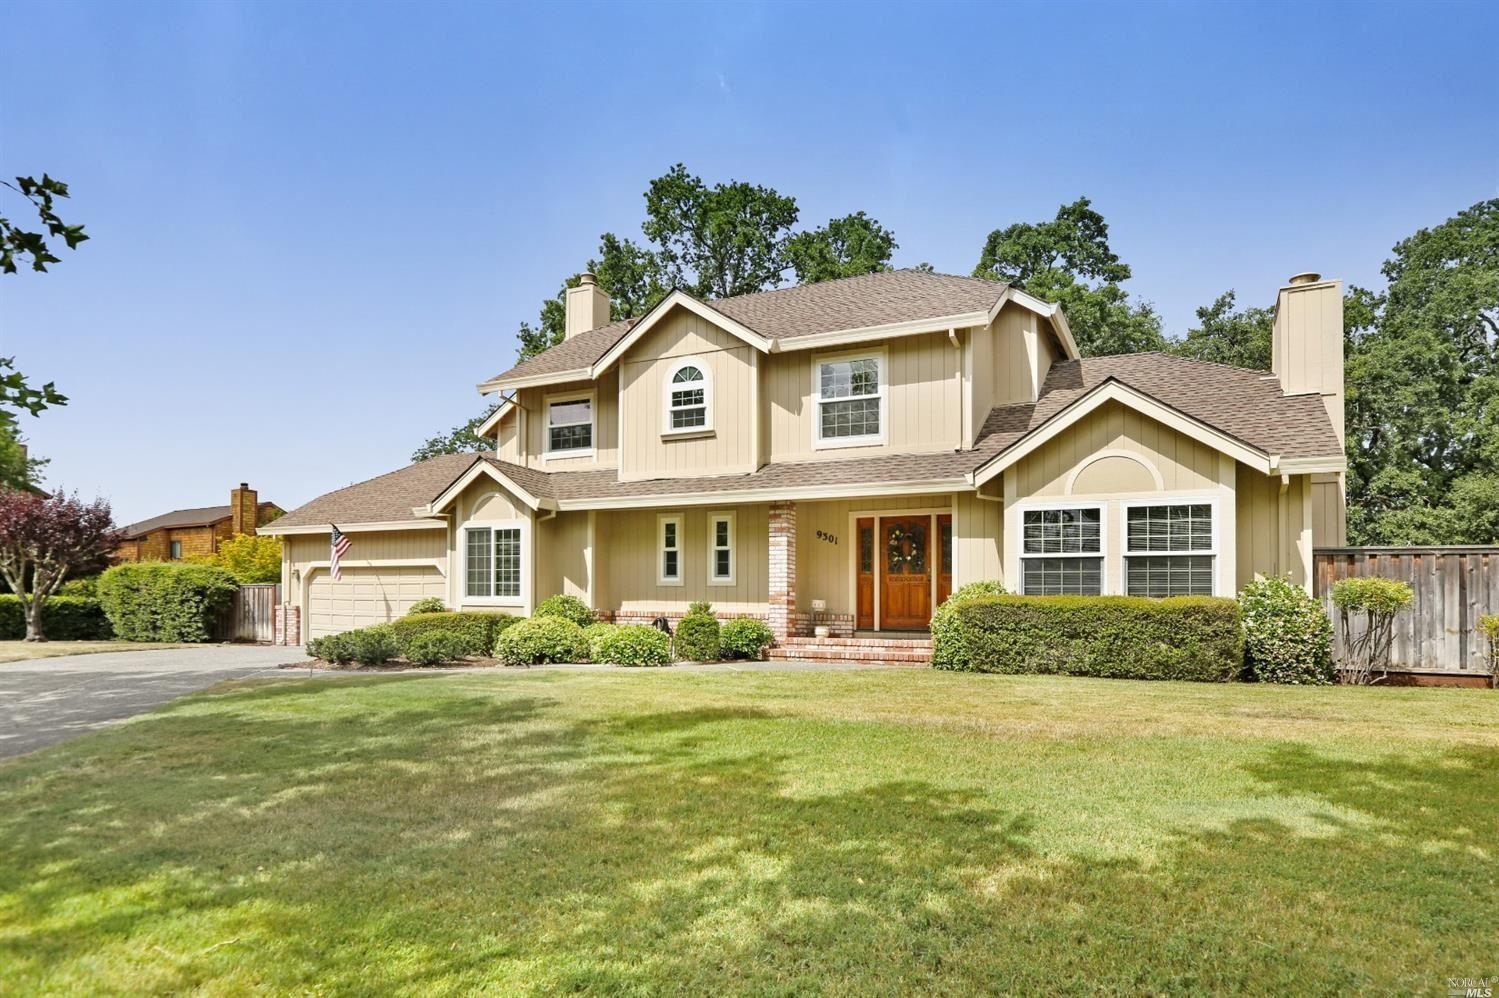 9301 Lakewood Drive, Windsor, CA 95492 - MLS#: 321044704